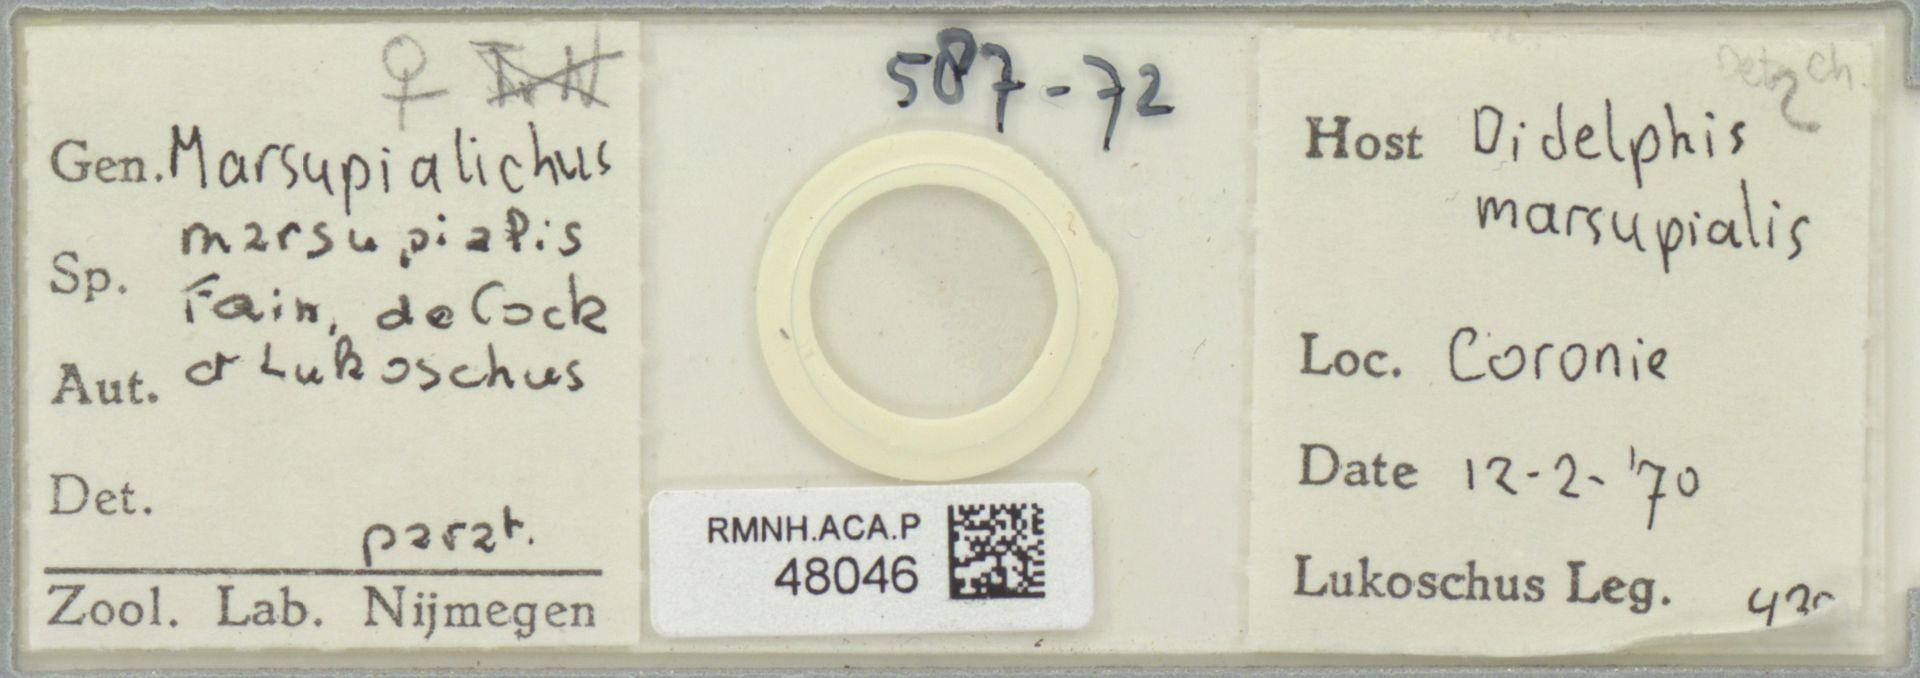 RMNH.ACA.P.48046 | Marsupialichus marsupialis Fain, de Cock & Lukoschus